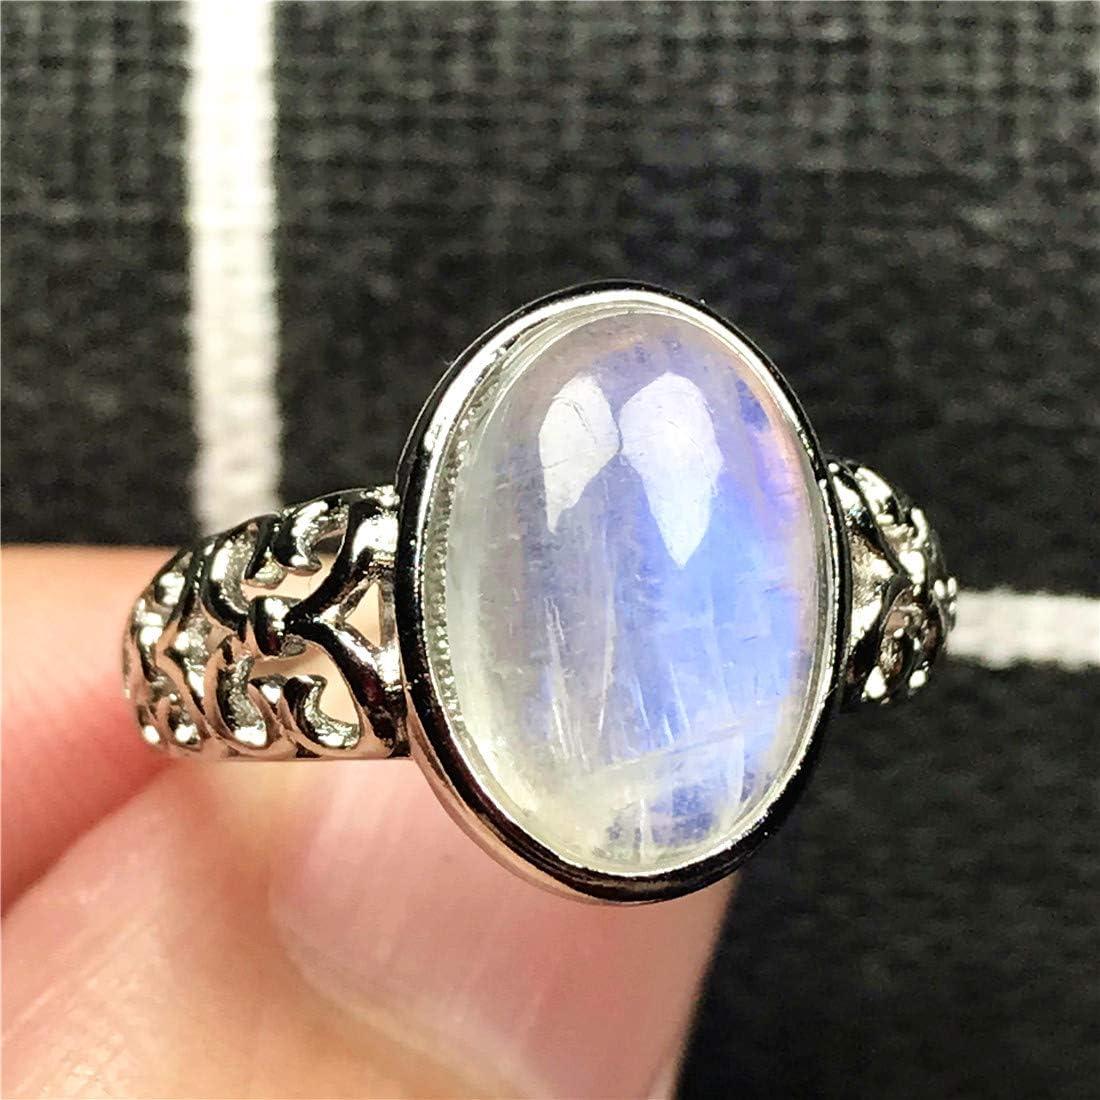 DUOVEKT Anillo de cristal de 13 x 10 mm para mujer, dama y hombre, piedra de luna natural arcoíris, joyería de piedra ovalada de plata azul claro, anillo ajustable AAAAA